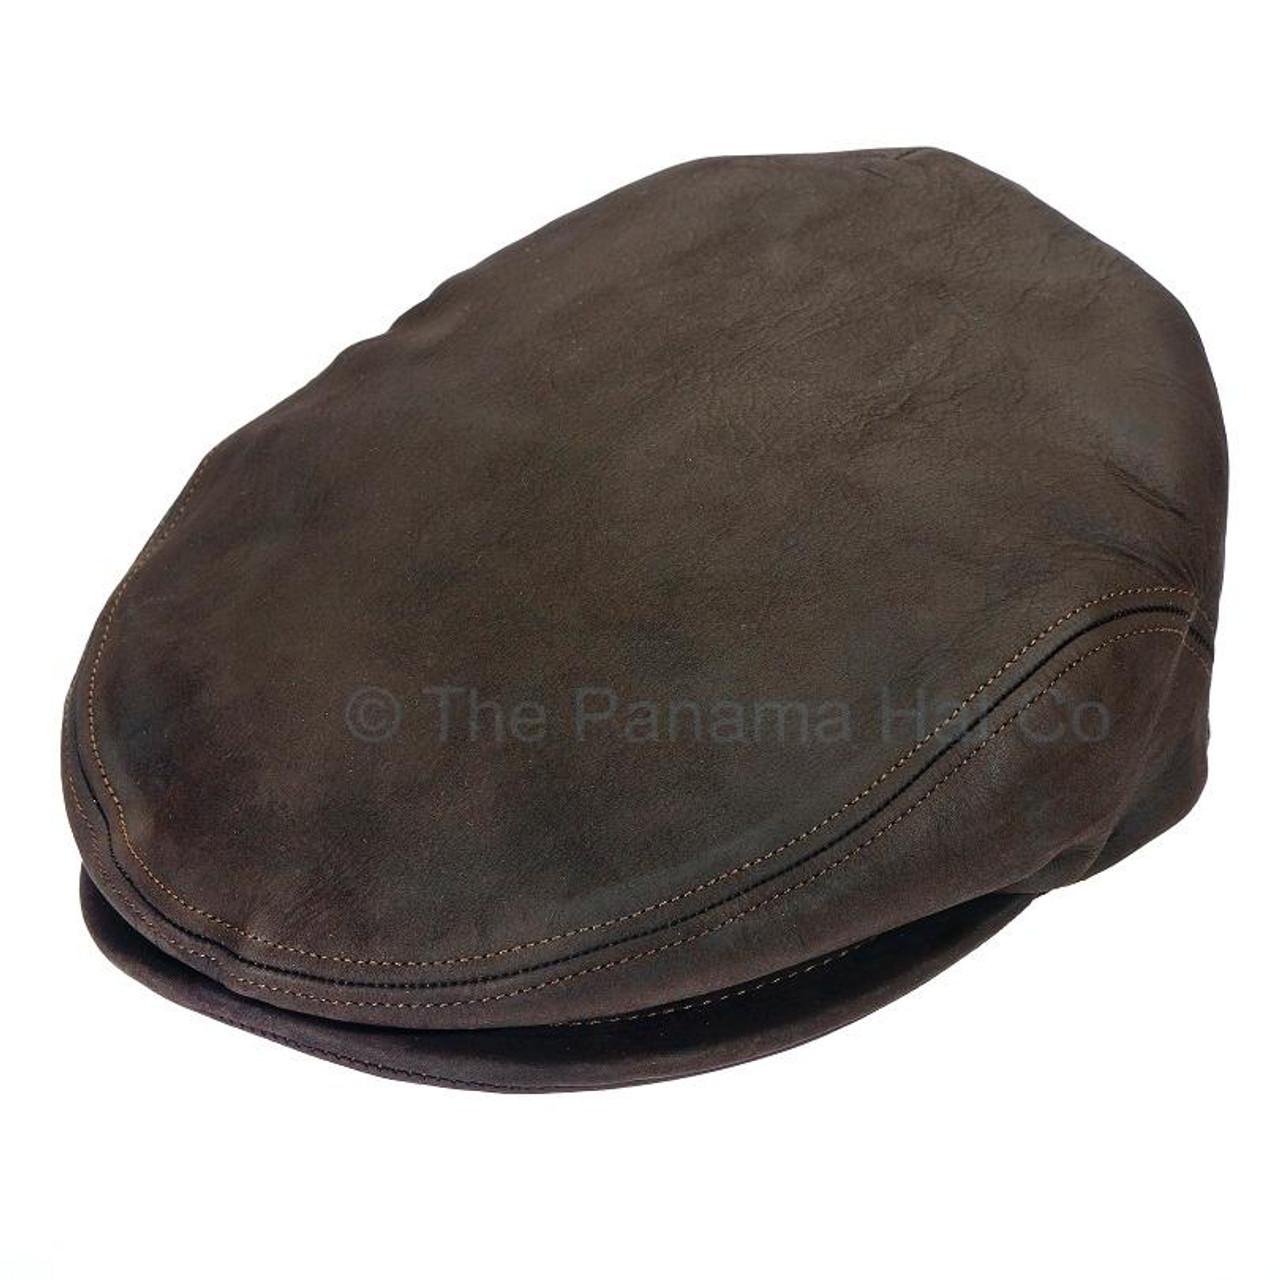 Italian Leather Flat Cap - The Panama Hat Company c09b2da228e